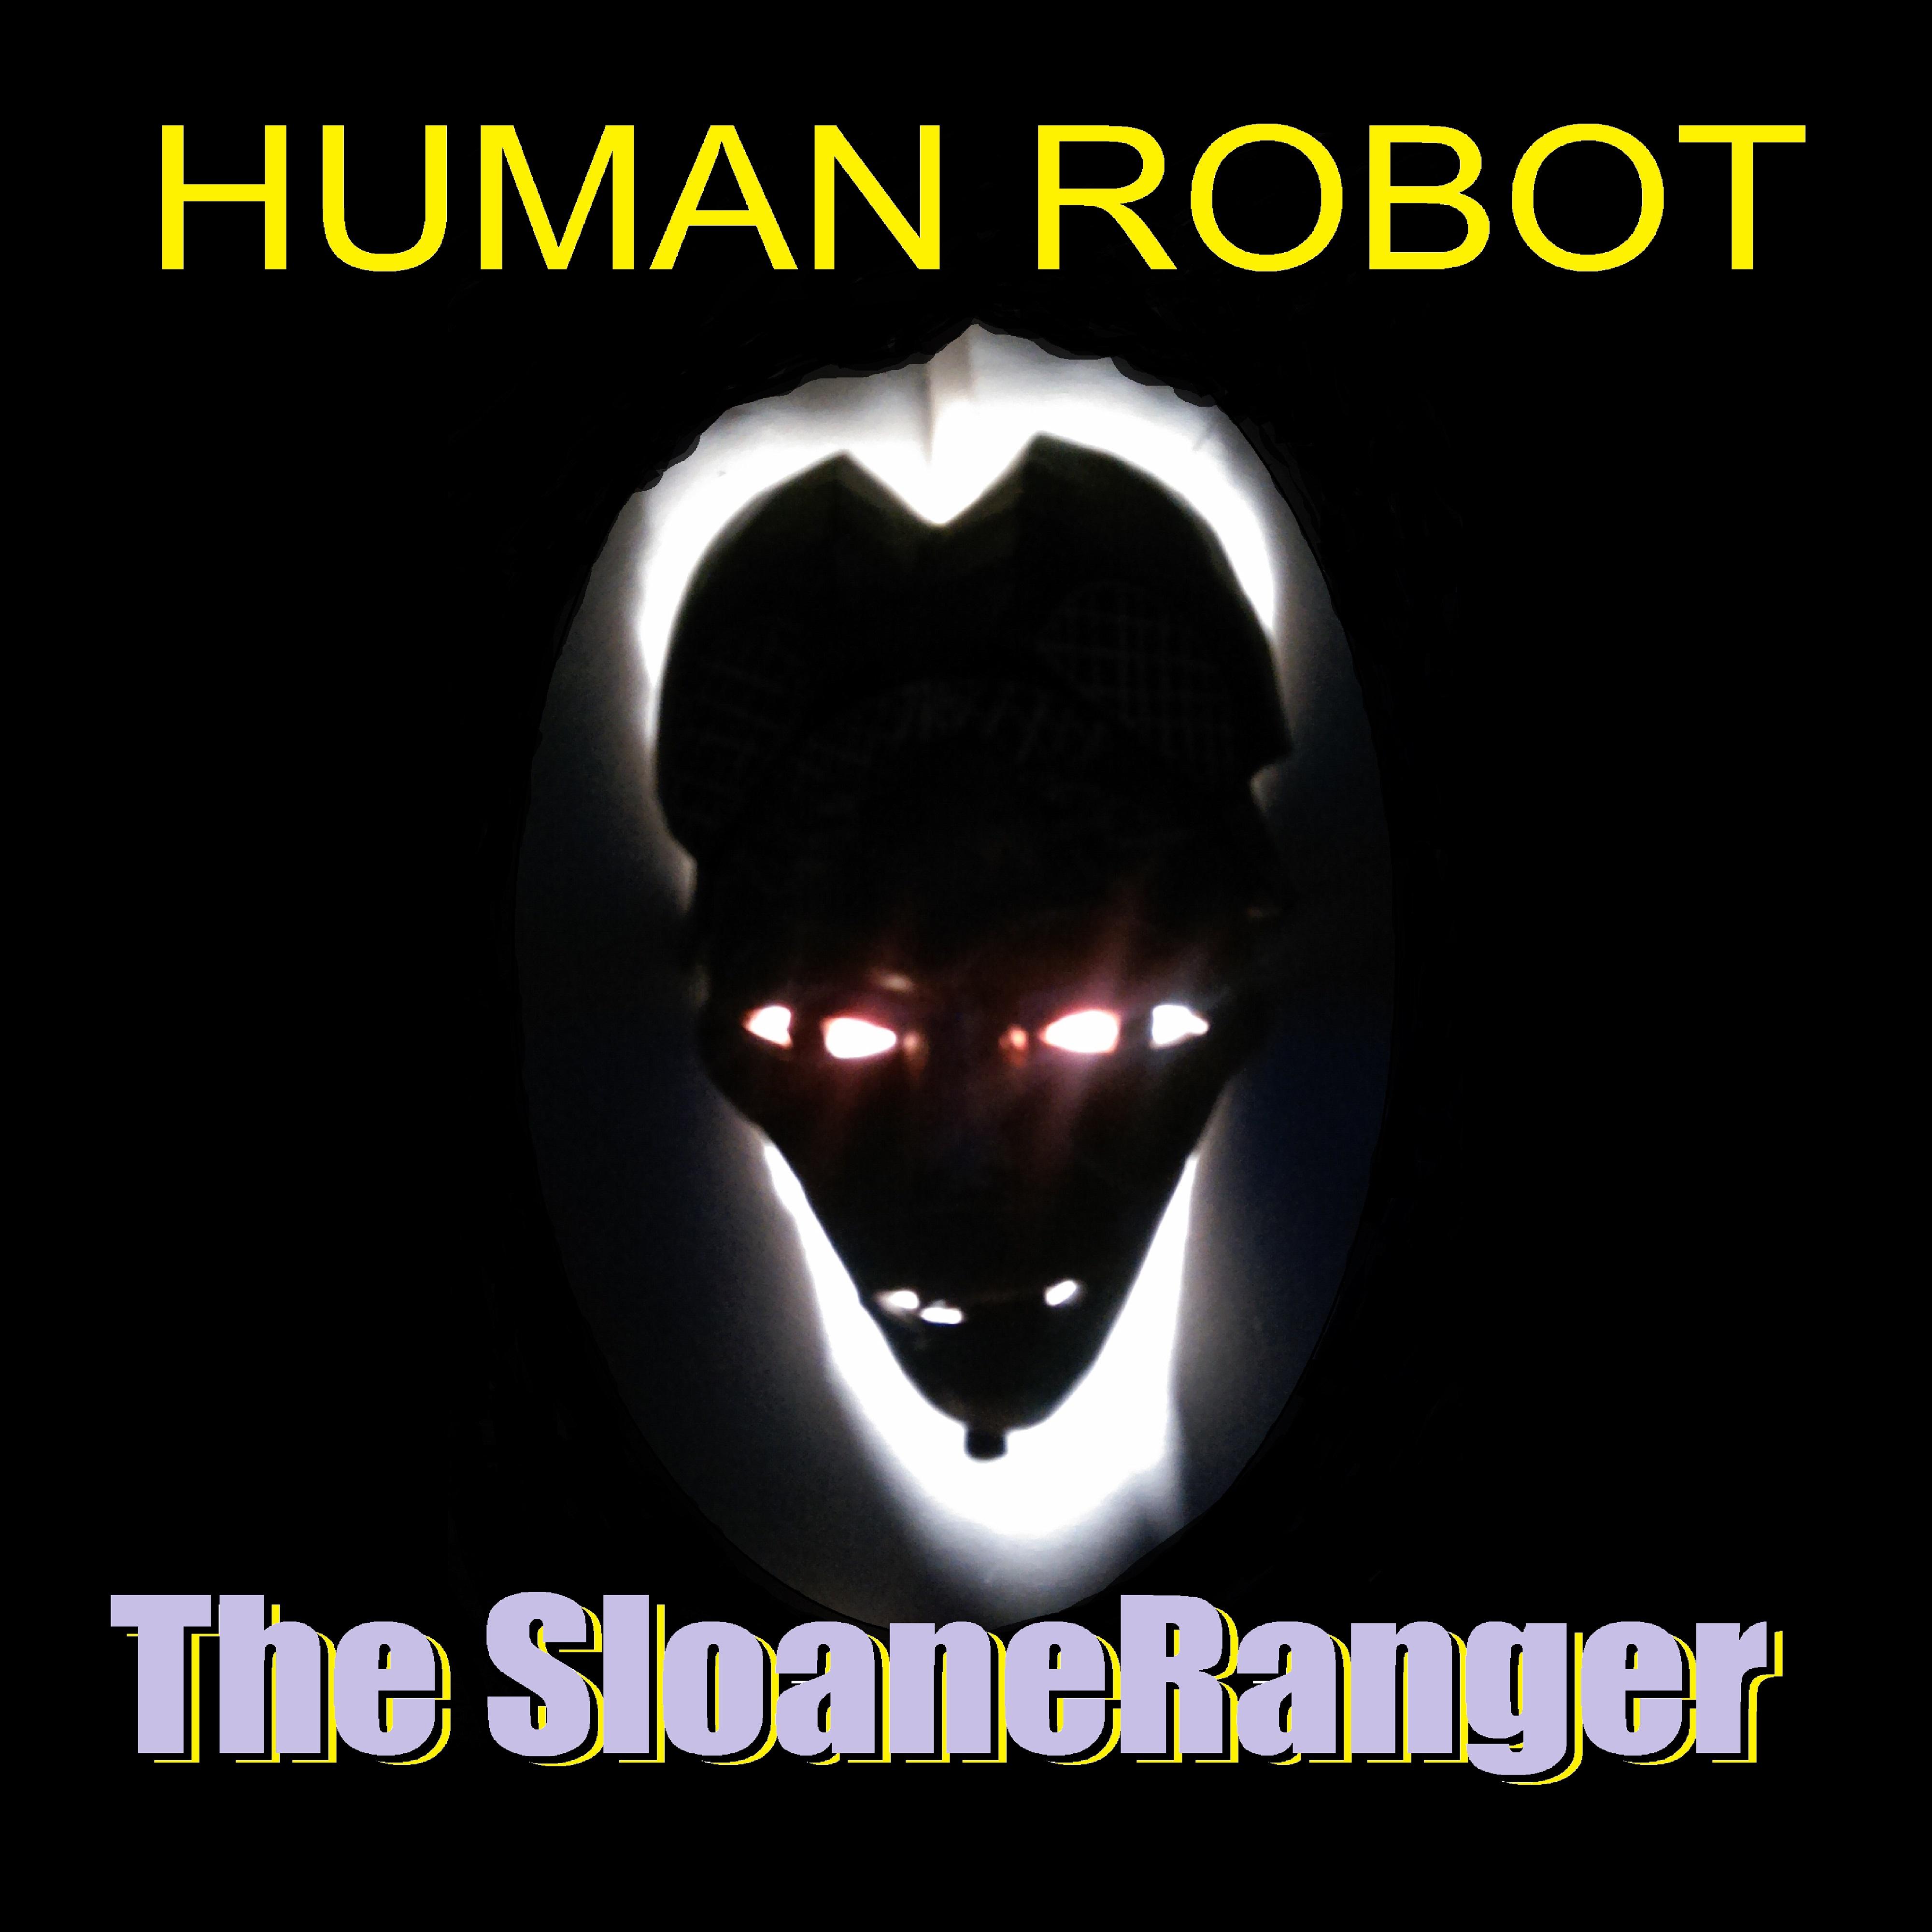 HUMAN ROBOT t-shirt.jpg